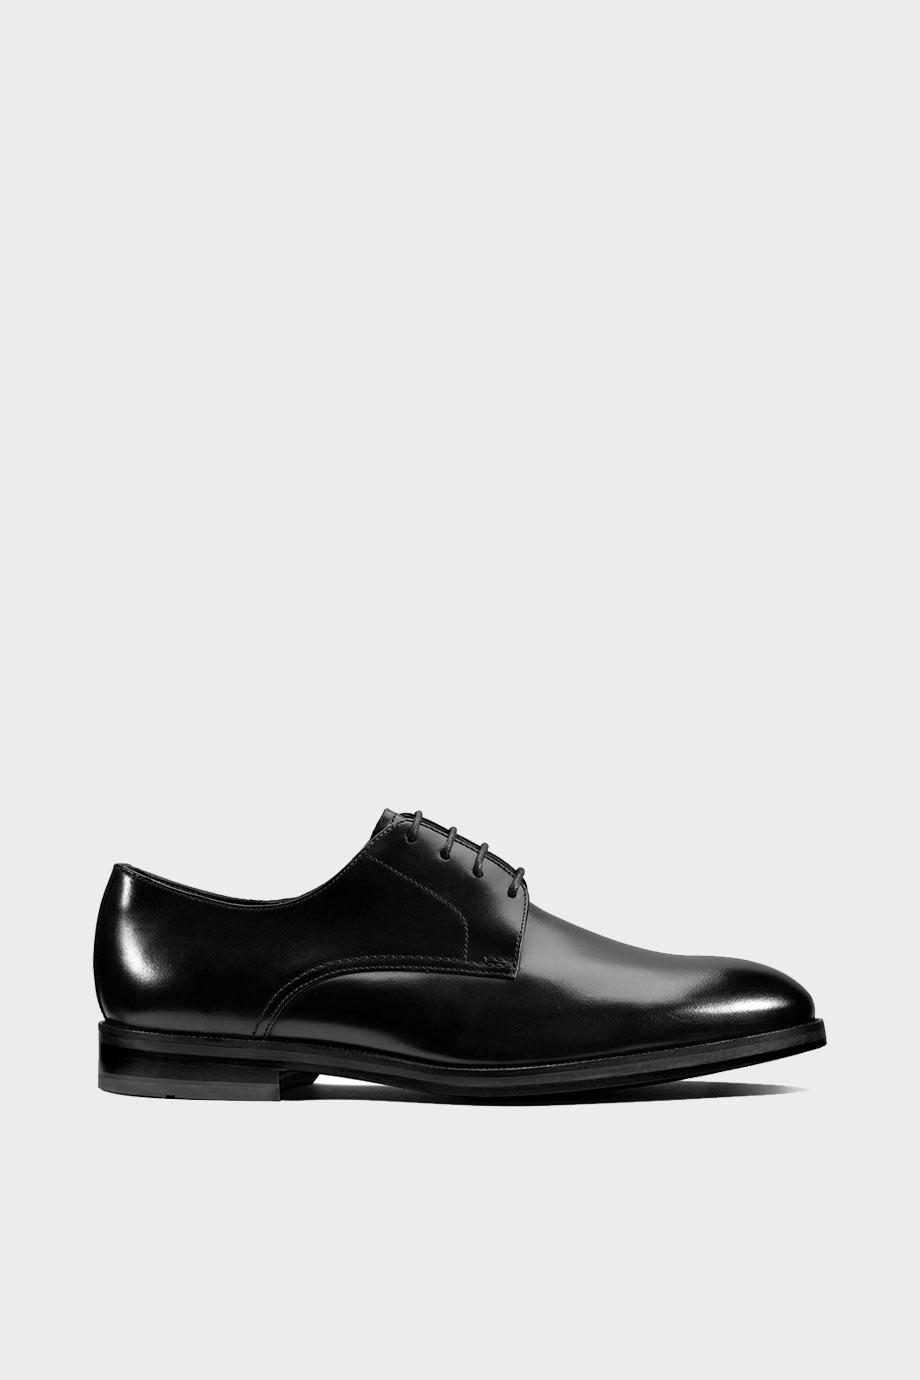 spiridoula metheniti shoes xalkida p oliver lace black leather clarks